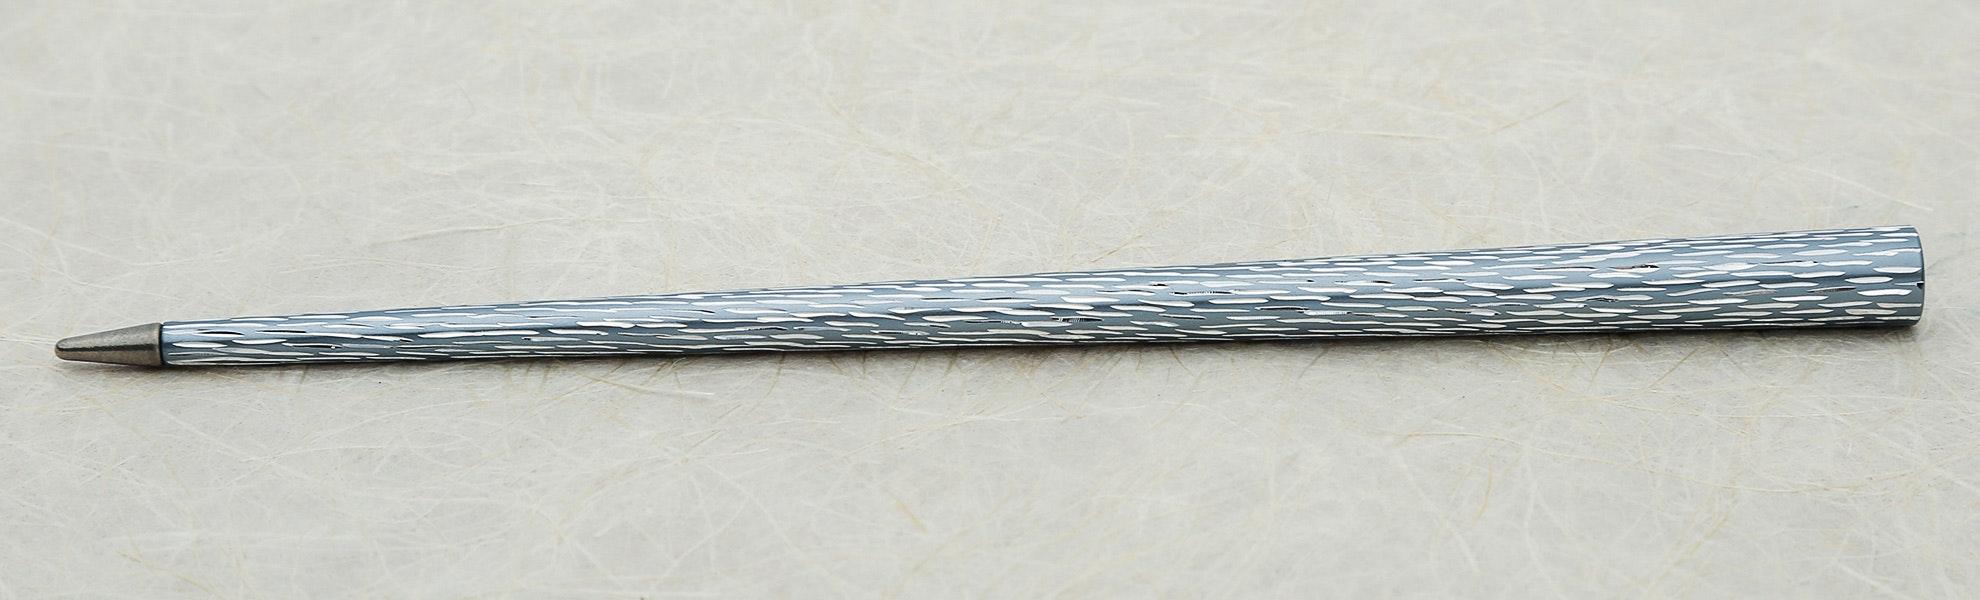 Napkin Forever Prima Pretiosa Inkless Pen